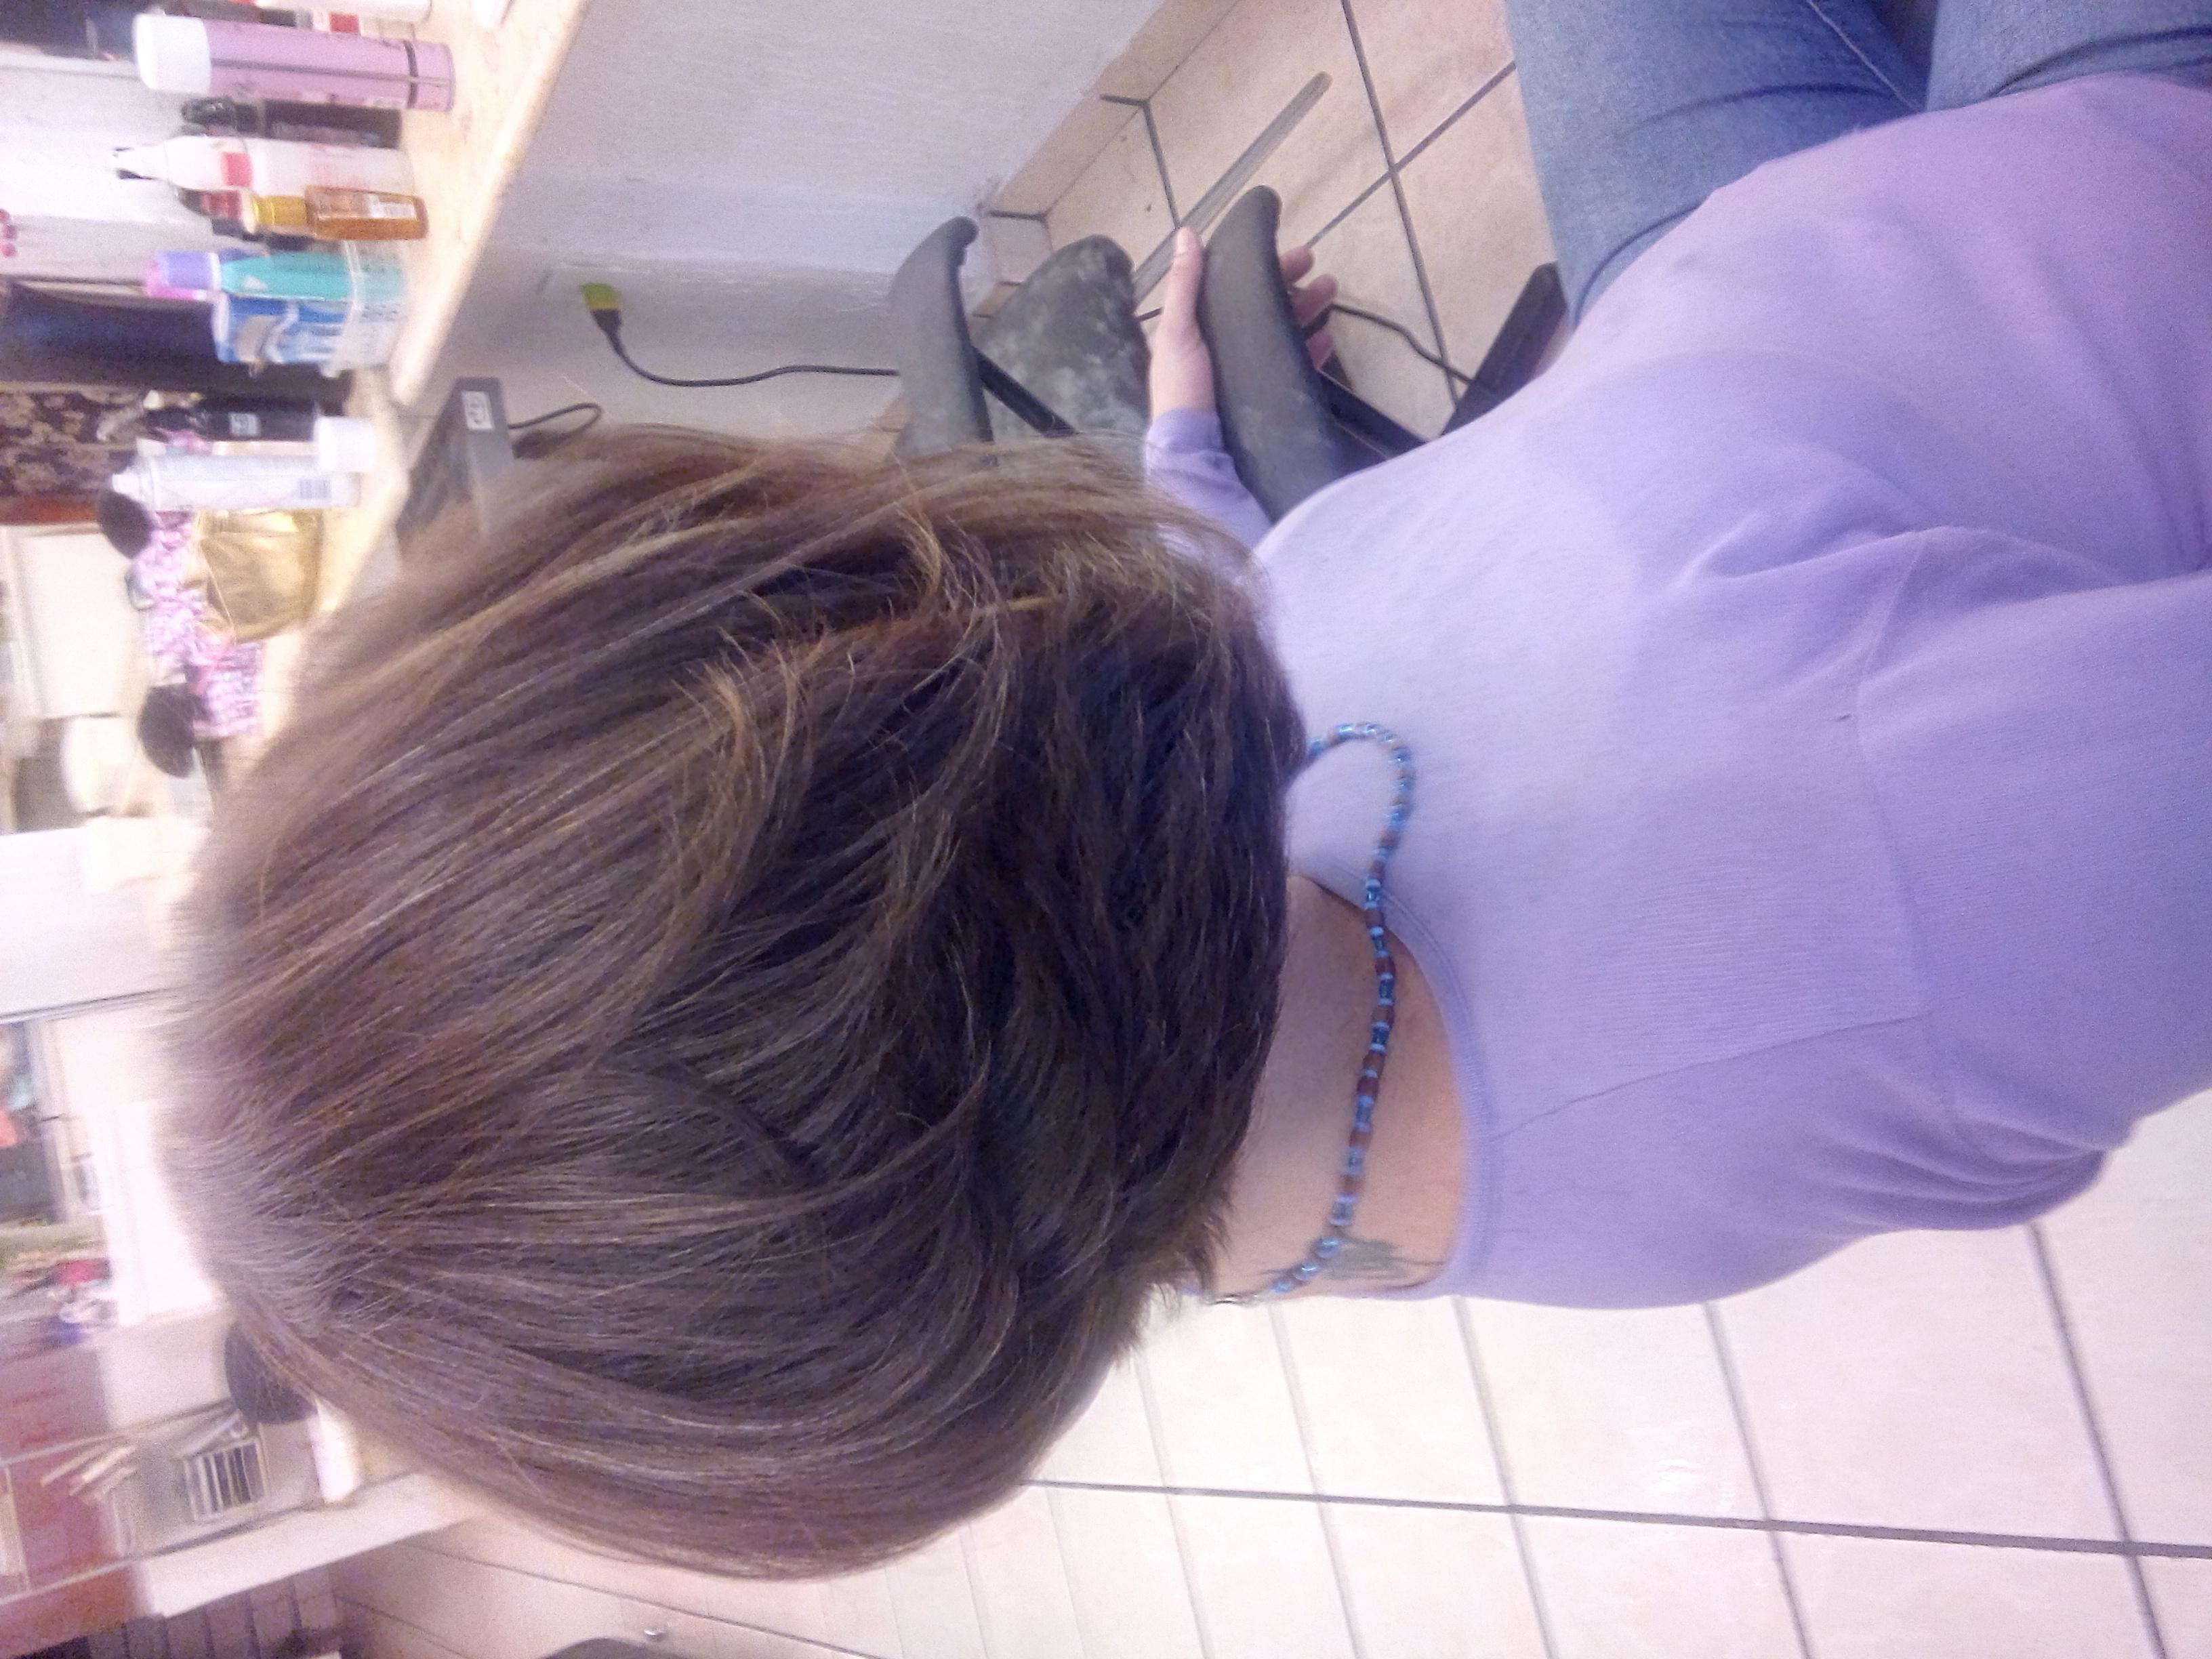 corte curto, cabelo castanho escuro, pele branca, chanel em camadas cabelo  cabeleireiro(a)